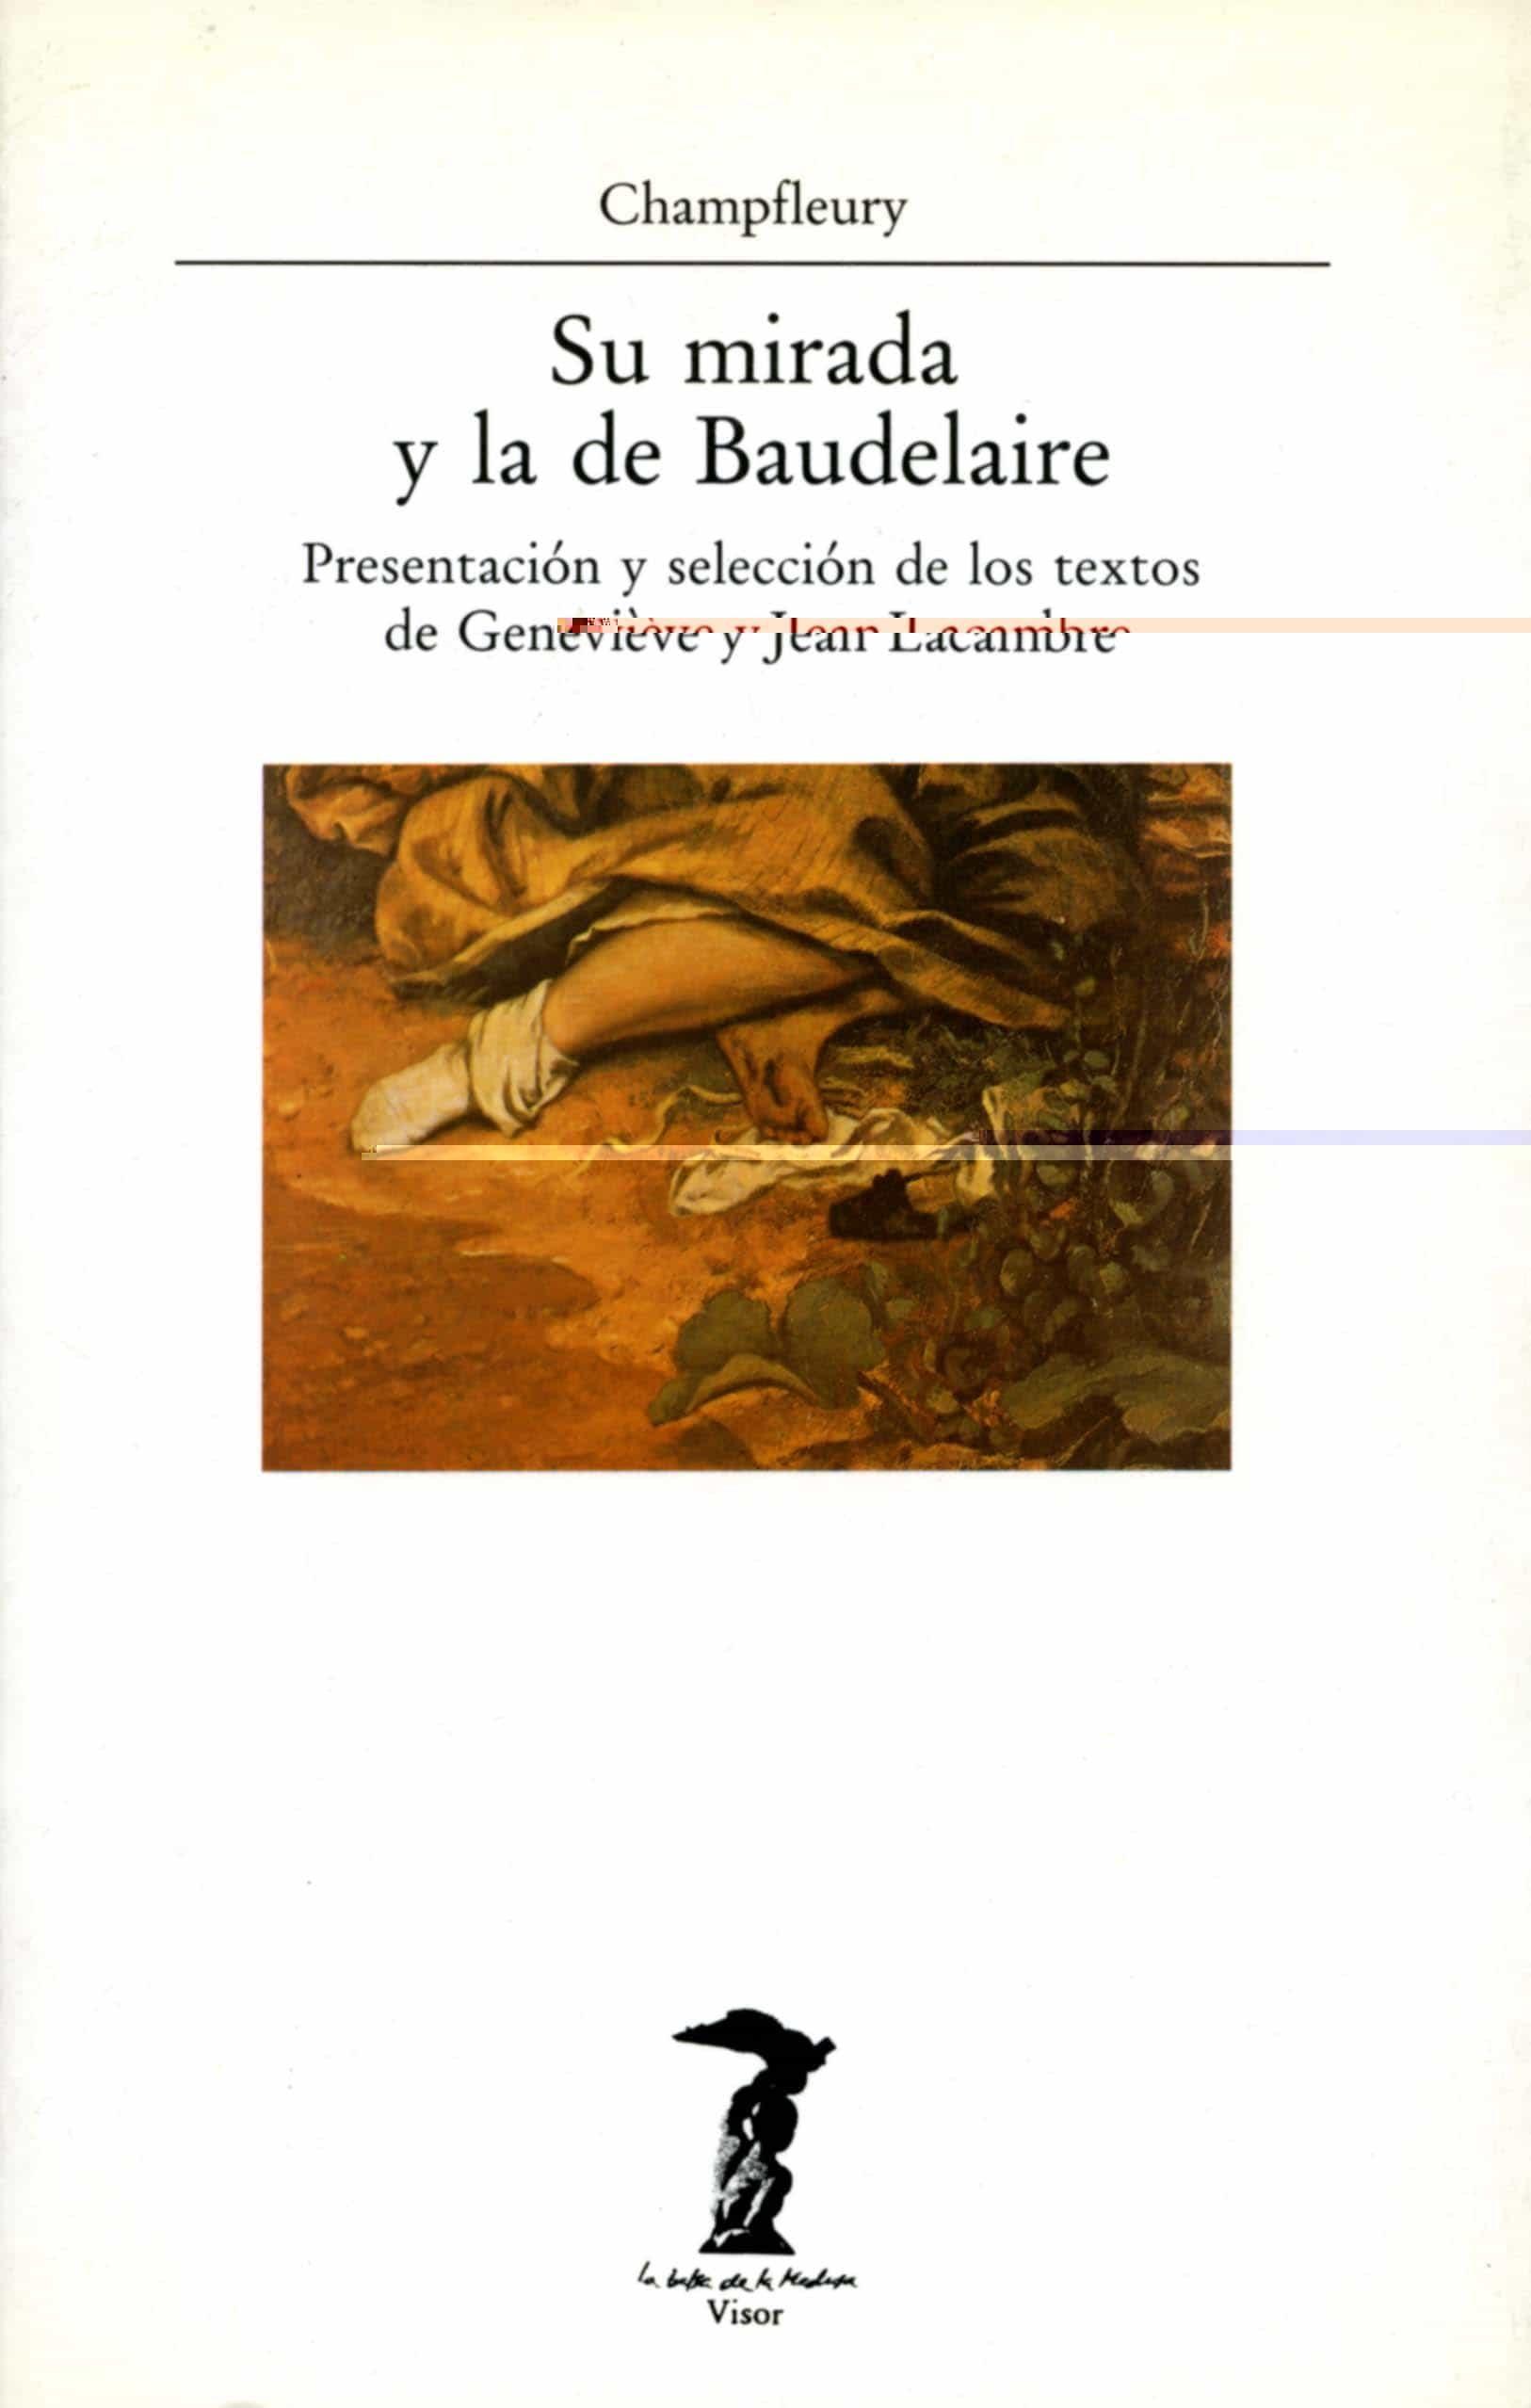 Su Mirada Y La De Baudelaire: Textos De Genevieve Y Lacambre - Champfleury